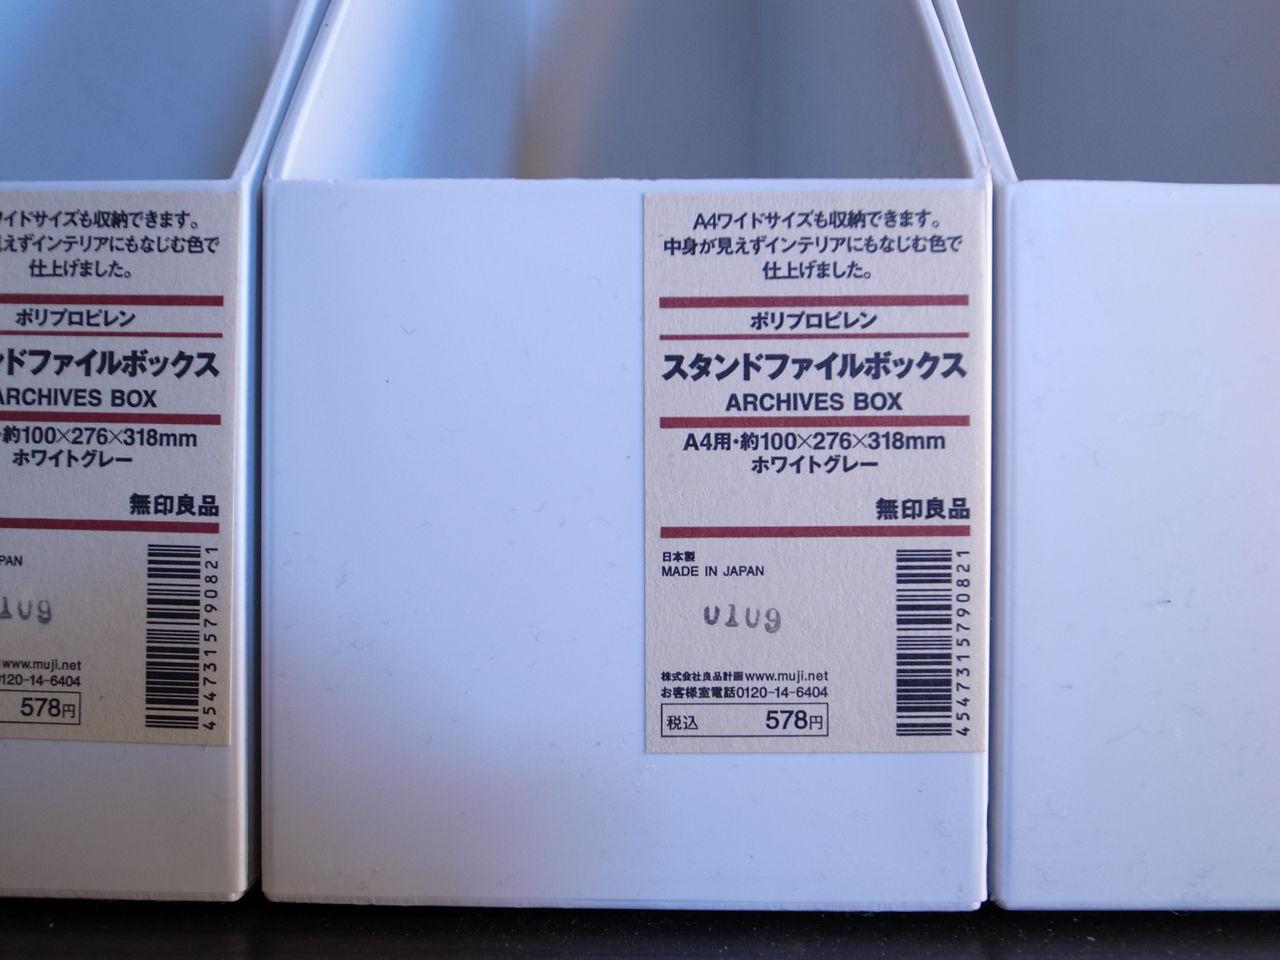 【生産国】日本【購入場所】新宿ぺぺ店【HP】http://www.muji.net/store/cmdty/detail/4547315790821  【備考】材料を着色せずに使用しました